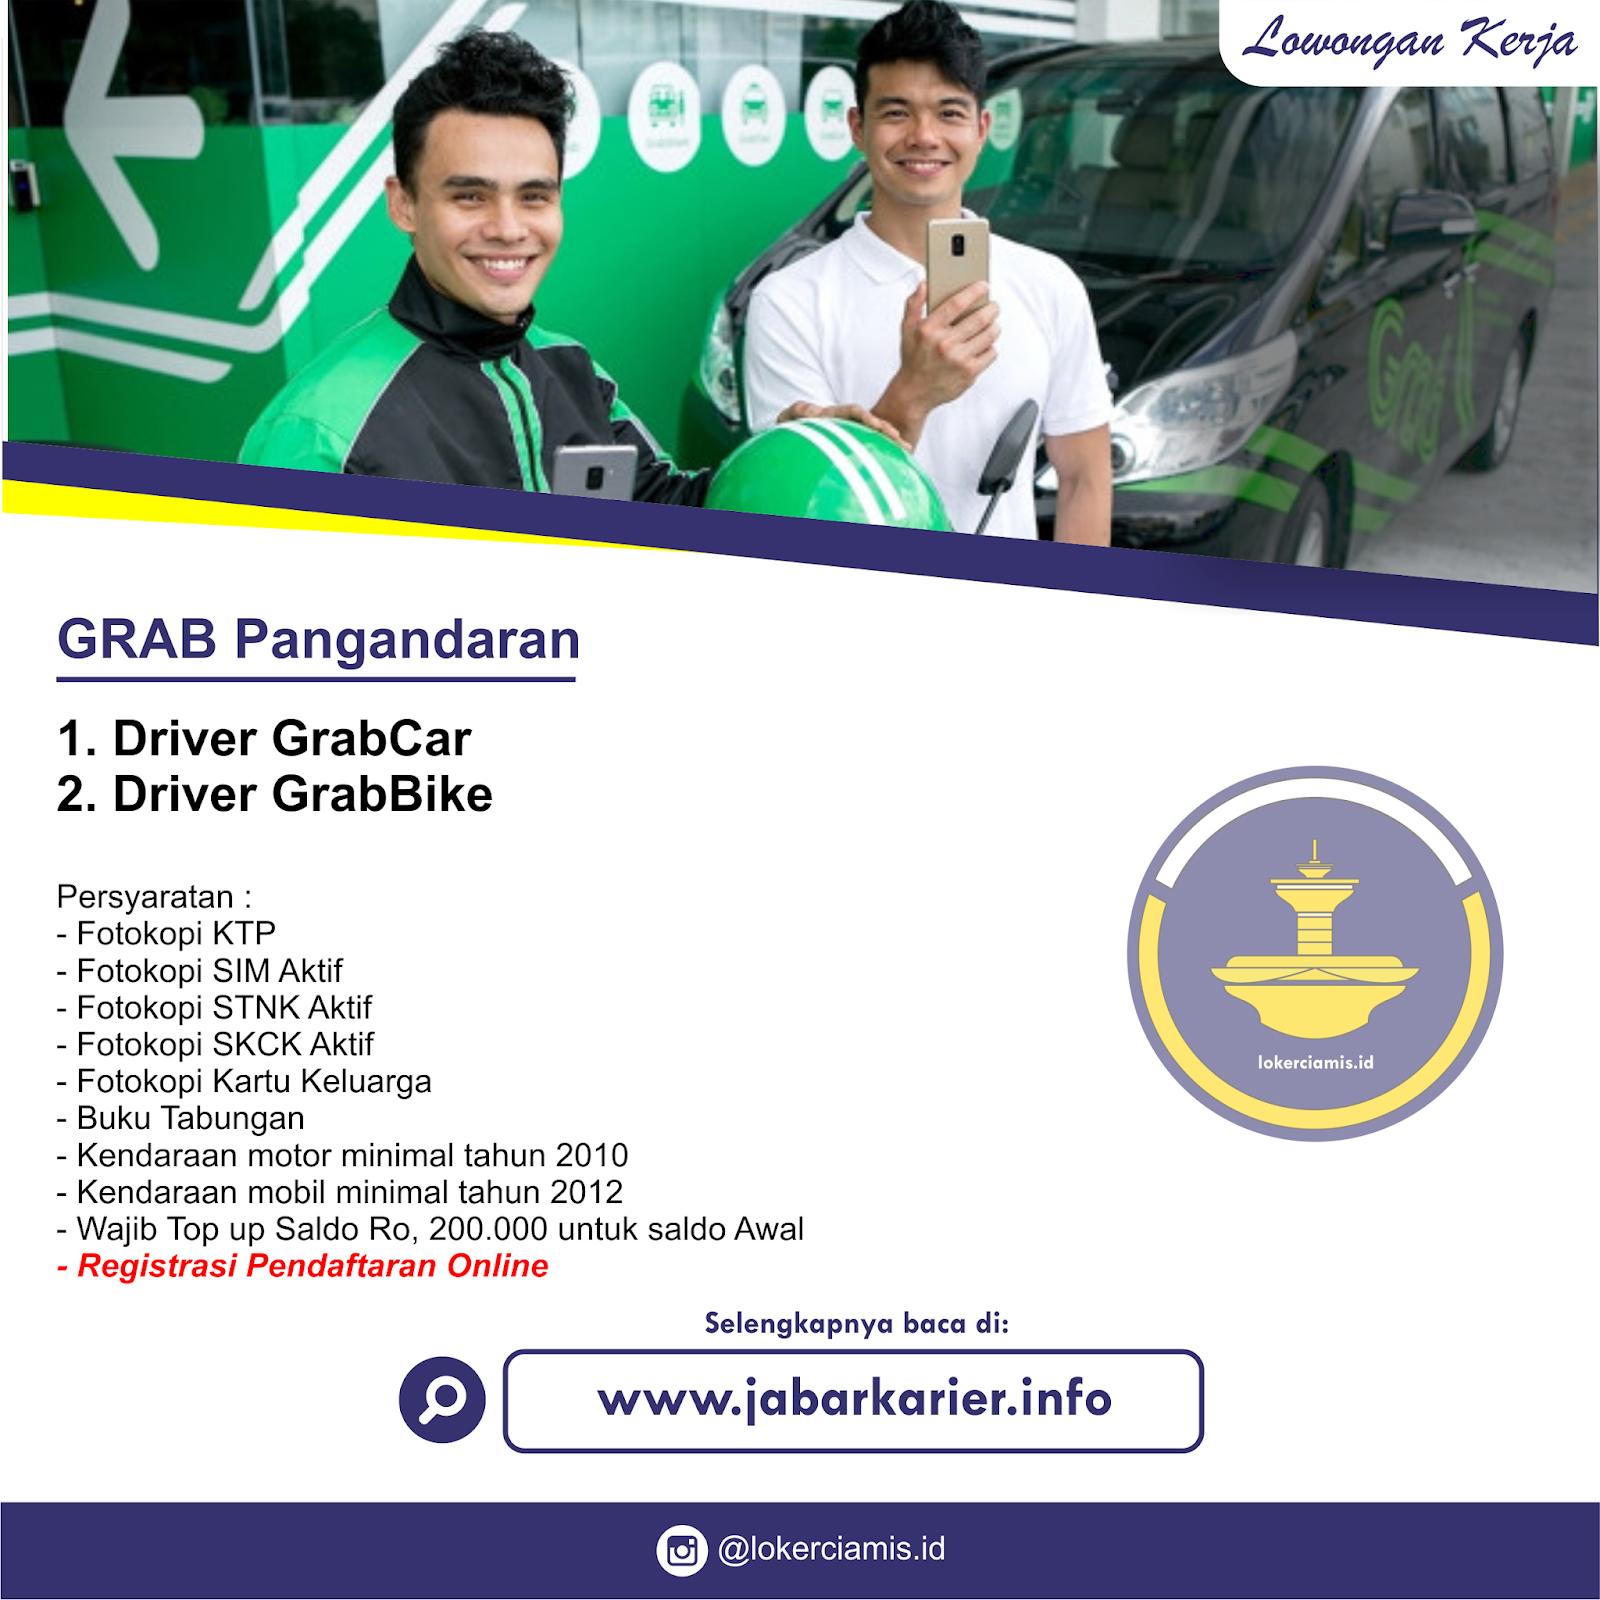 Lowongan Kerja Driver Grab Pangandaran Agustus 2019 Lowongan